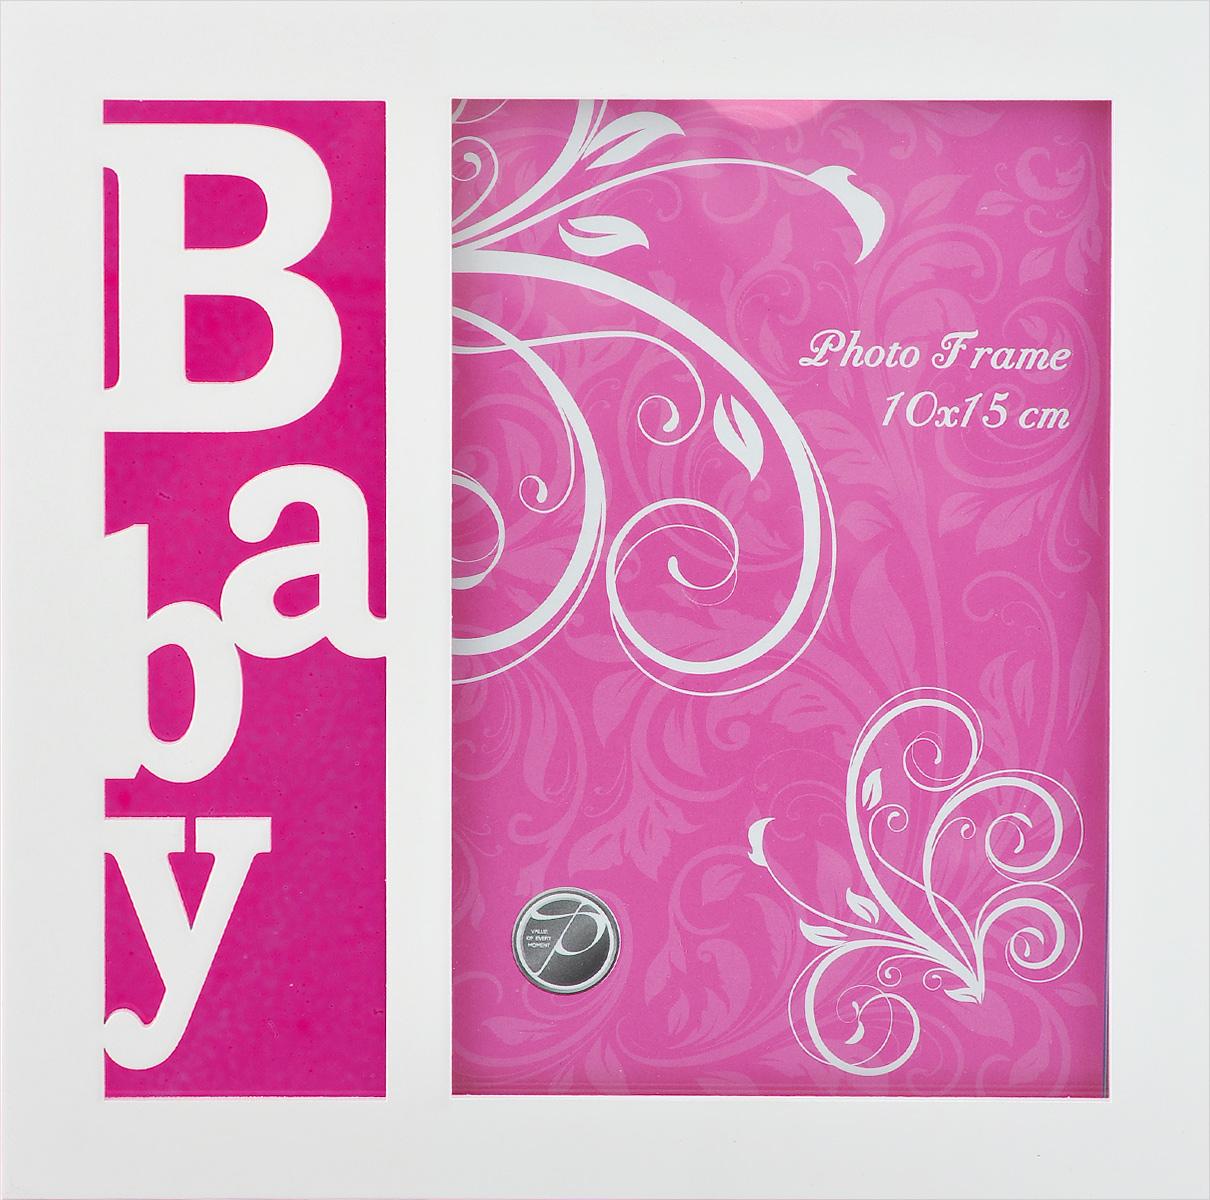 Фоторамка Pioneer Baby, цвет: розовый, 10 х 15 смD-W11-ZB124_розовыйФоторамка Pioneer Baby, выполненная из высококачественного МДФ и стекла, защитит вашу фотографию. Оборотная сторона рамки оснащена специальной ножкой, благодаря которой ее можно поставить на стол или любое другое место в доме или офисе. Такая фоторамка поможет вам оригинально и стильно дополнить интерьер помещения, а также позволит сохранить память о дорогих вам людях и интересных событиях вашей жизни.